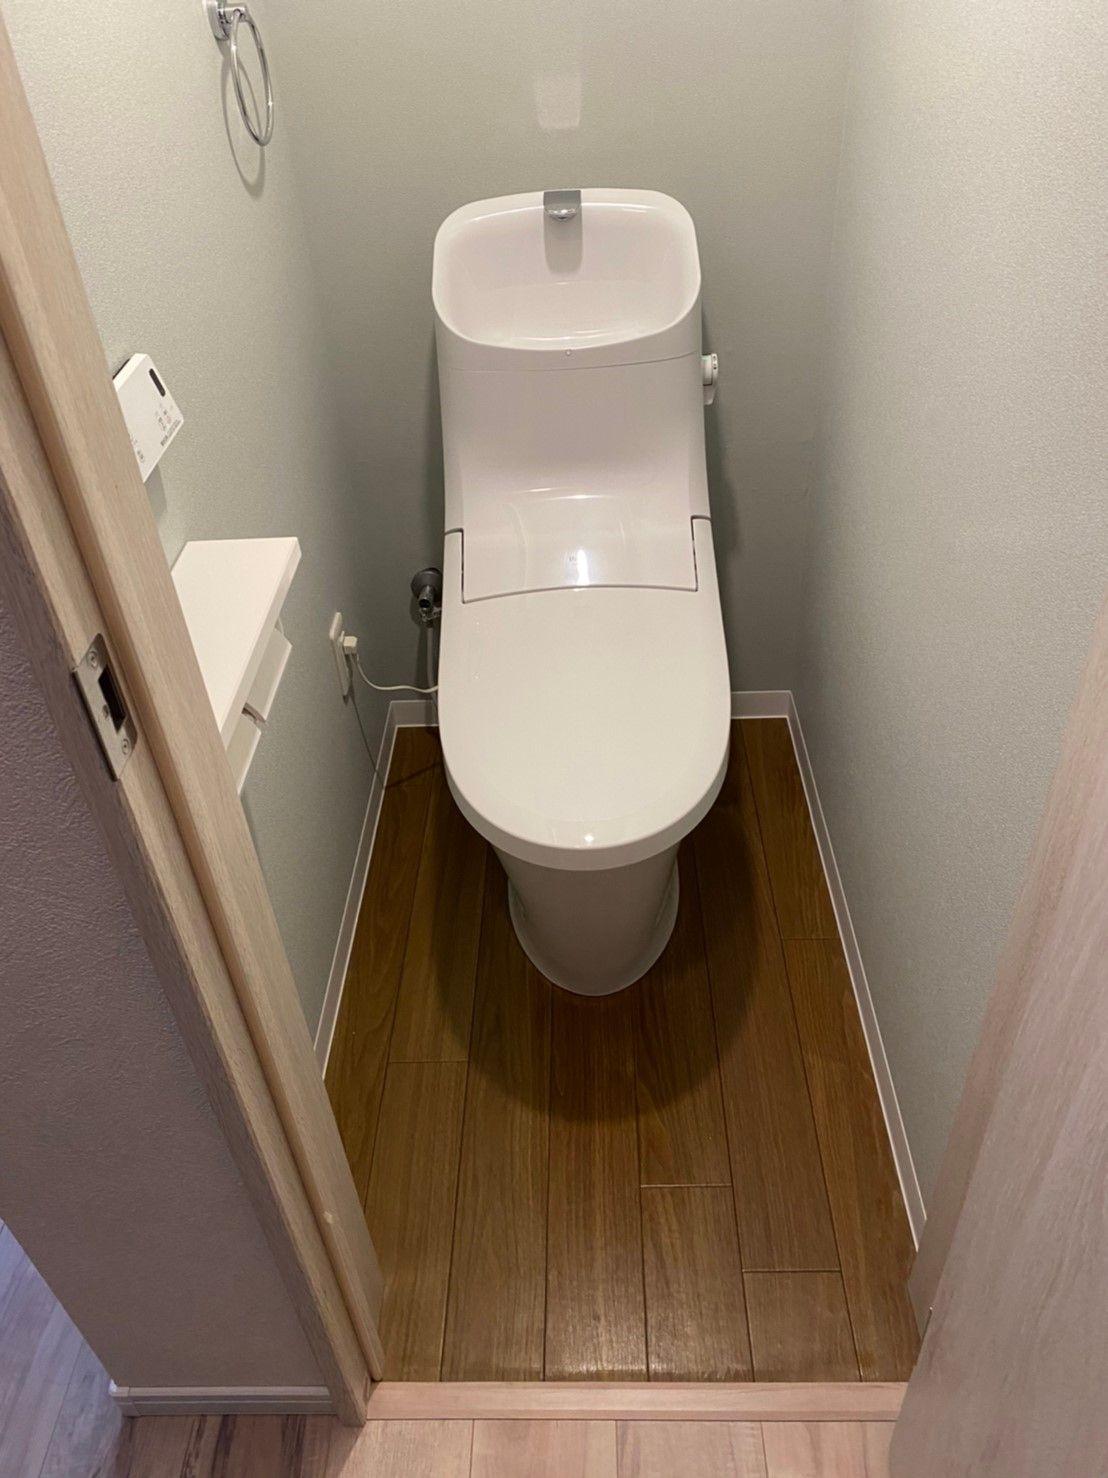 クロス シンコール グレー系 トイレ 2020 ベーシア リクシル リノベーション リフォーム